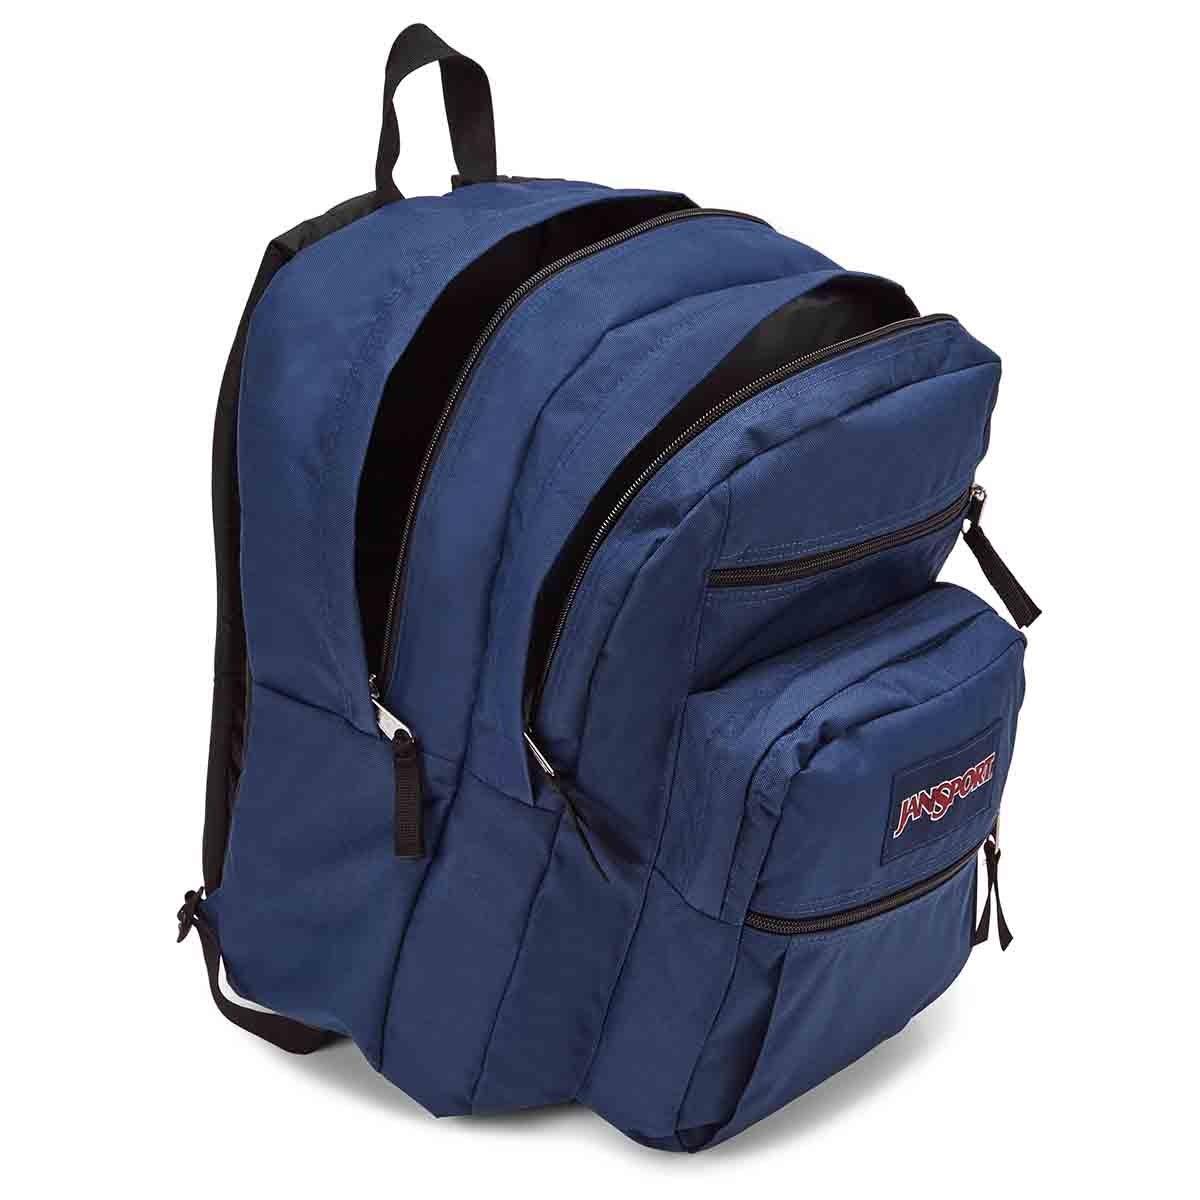 Jansport Big Student navy backpack